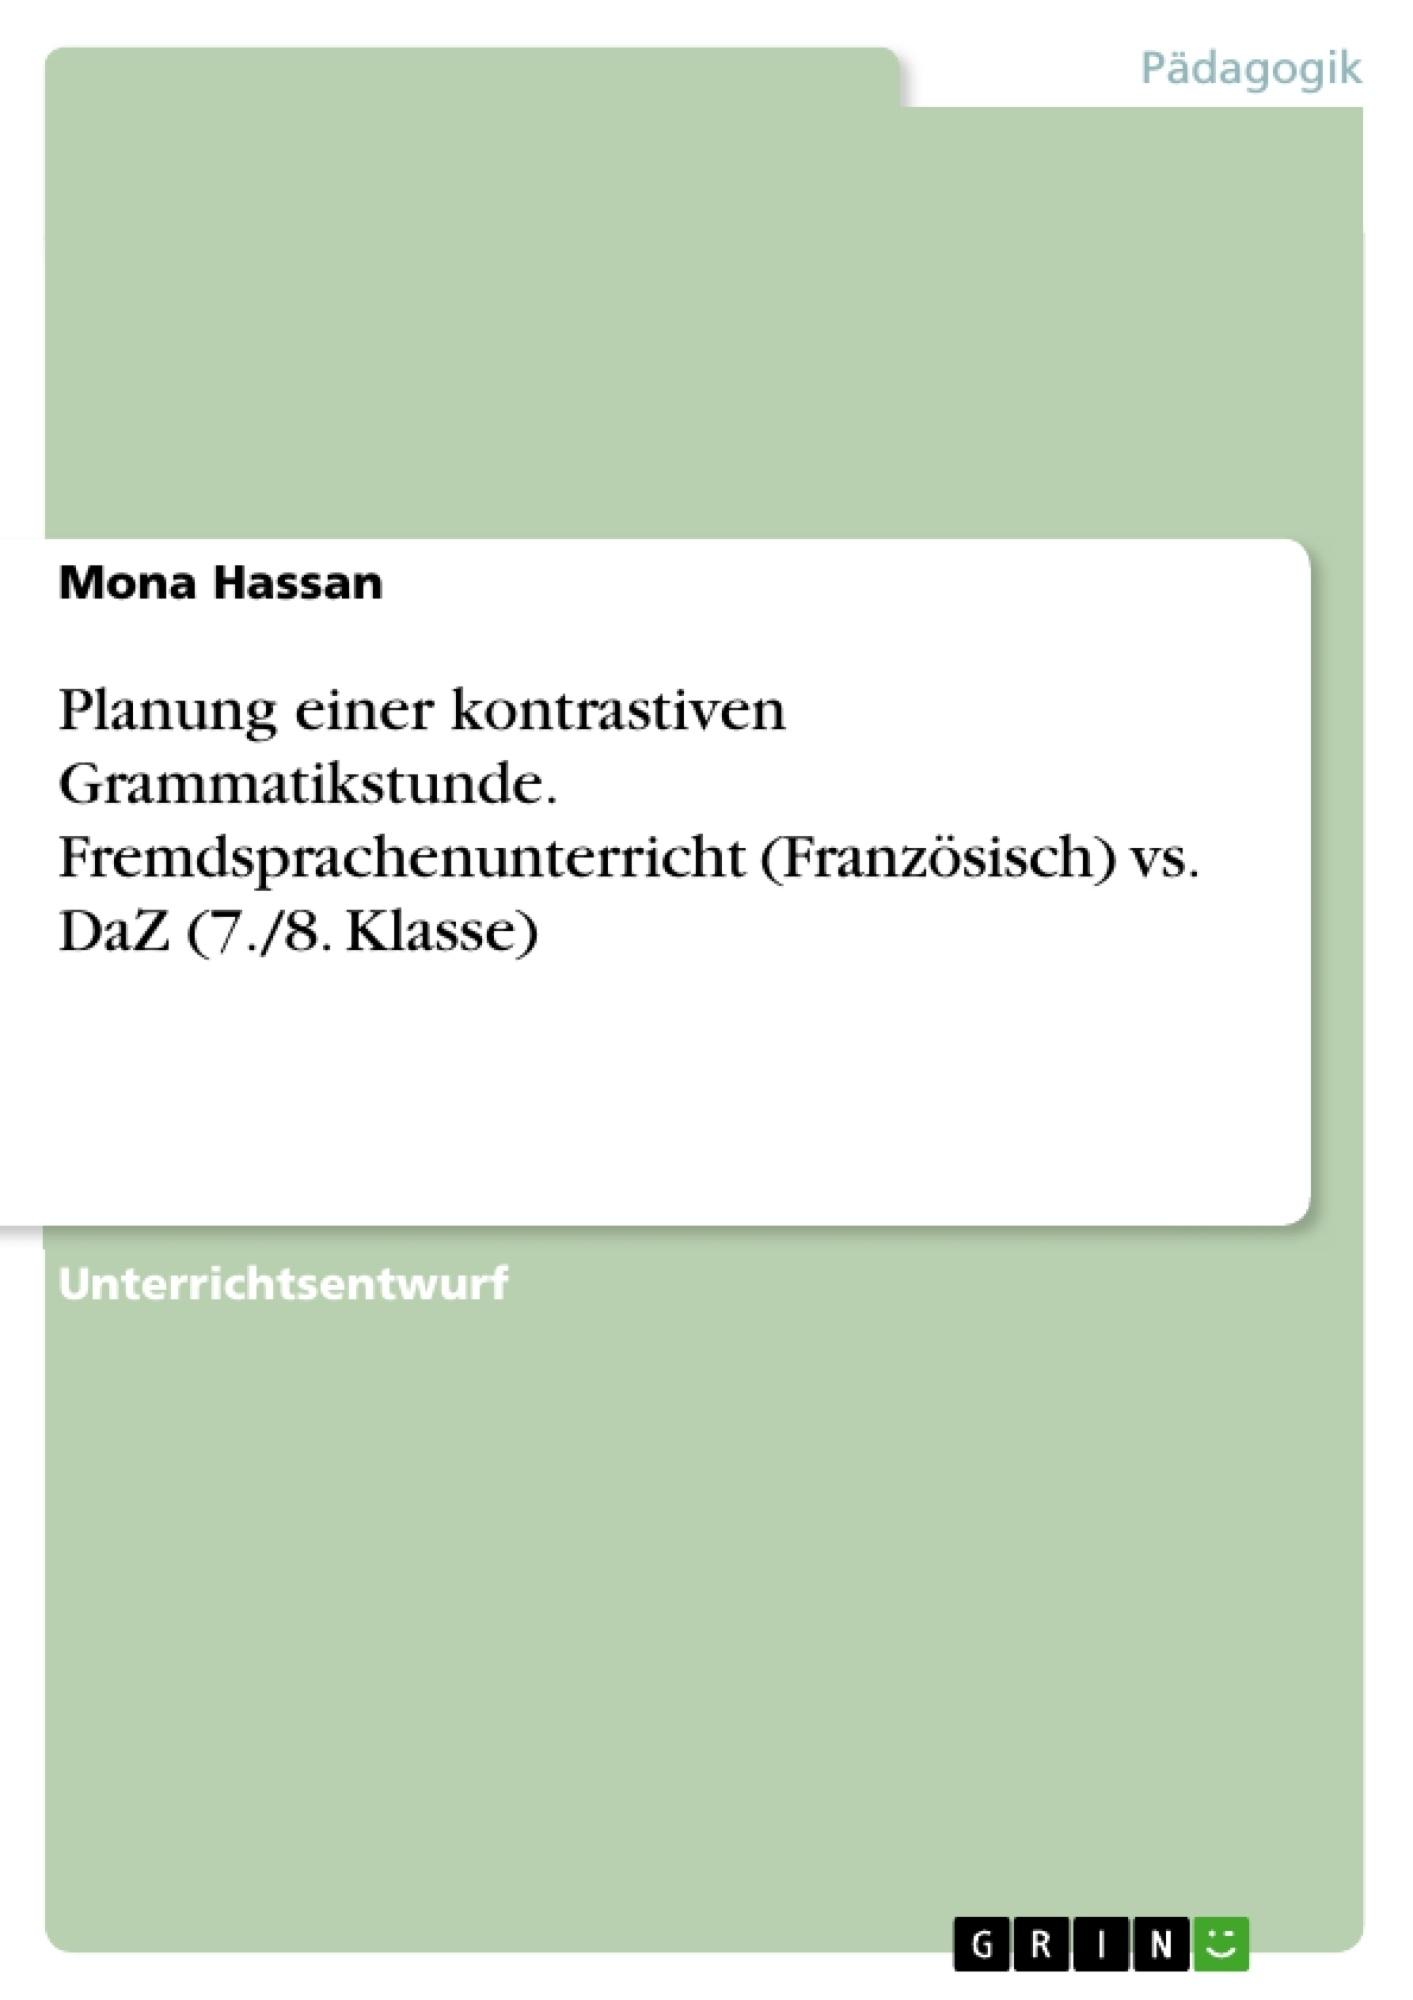 Titel: Planung einer kontrastiven Grammatikstunde. Fremdsprachenunterricht (Französisch) vs. DaZ (7./8. Klasse)